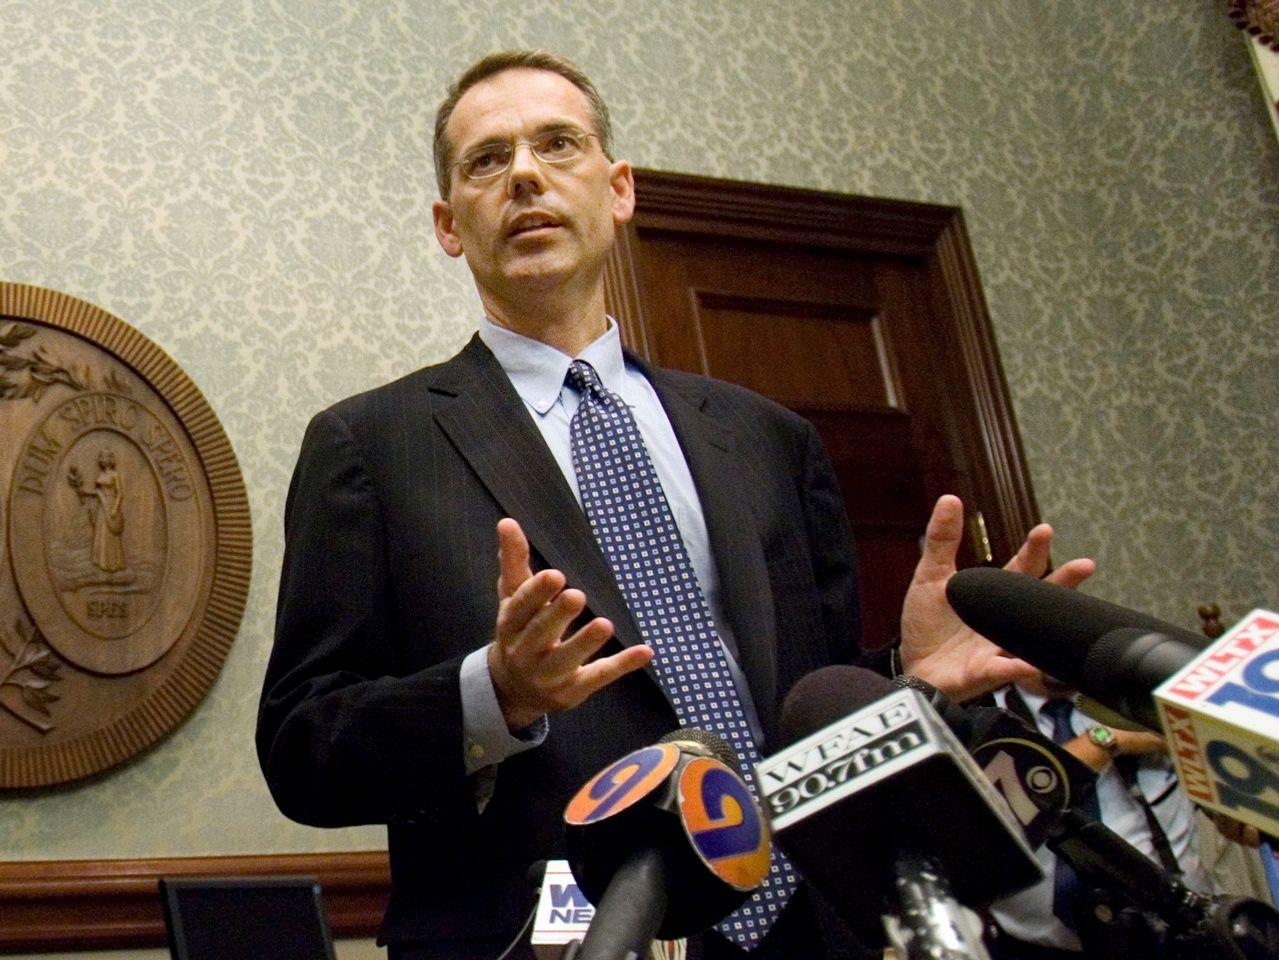 據報,特朗普已聘請南卡州律師鮑爾斯,擔任自己的彈劾辯護律師。 美聯社資料圖片